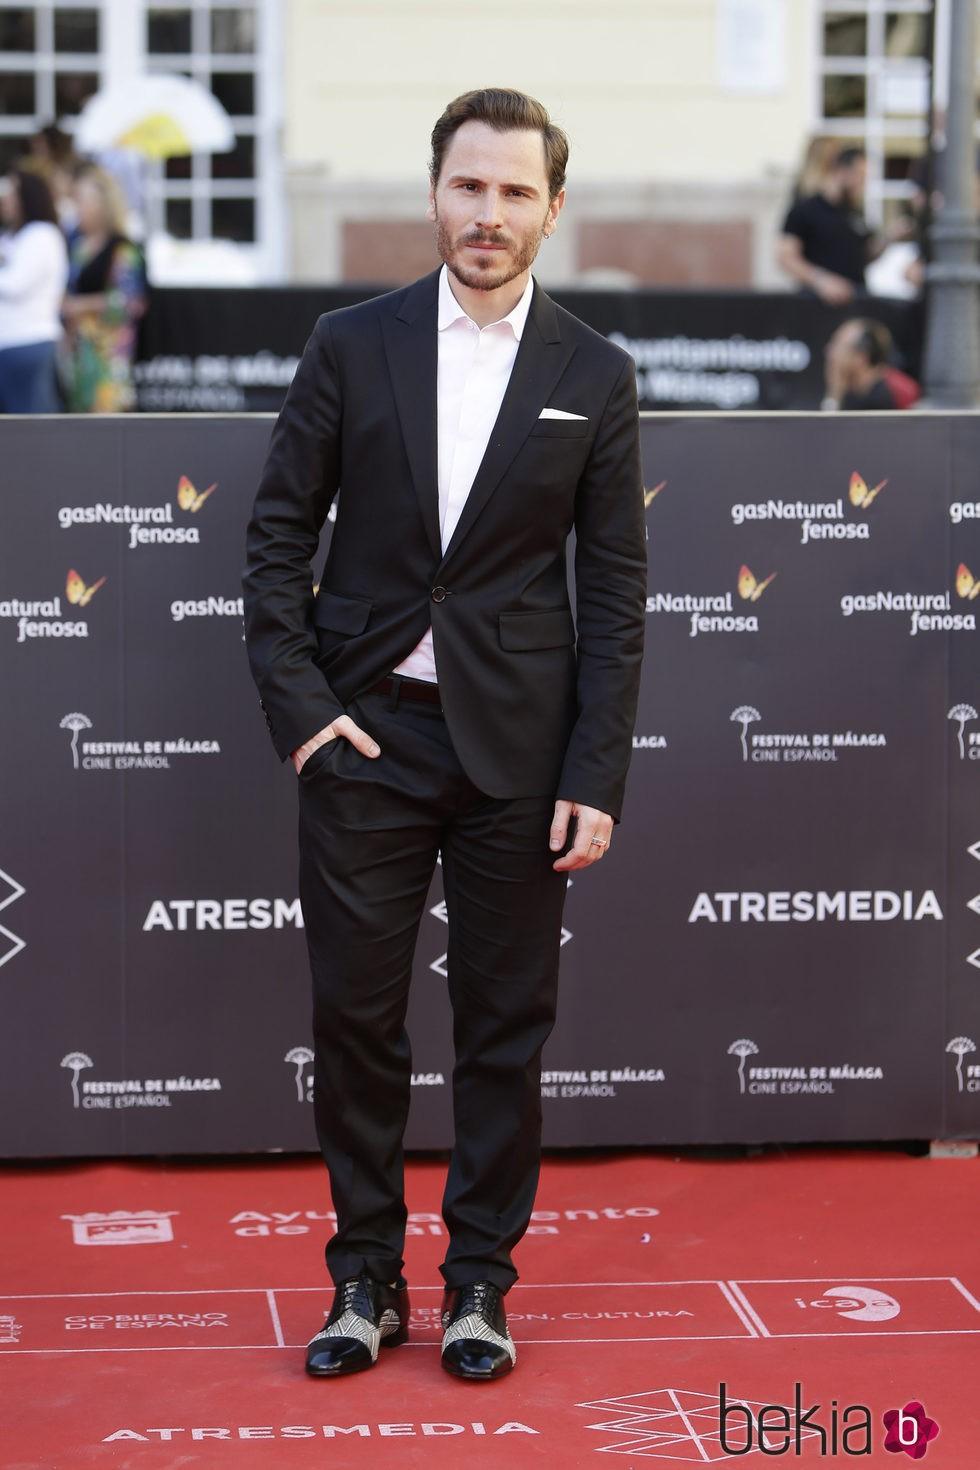 Rubén Ochandiano en la clausura del Festival de Málaga 2016